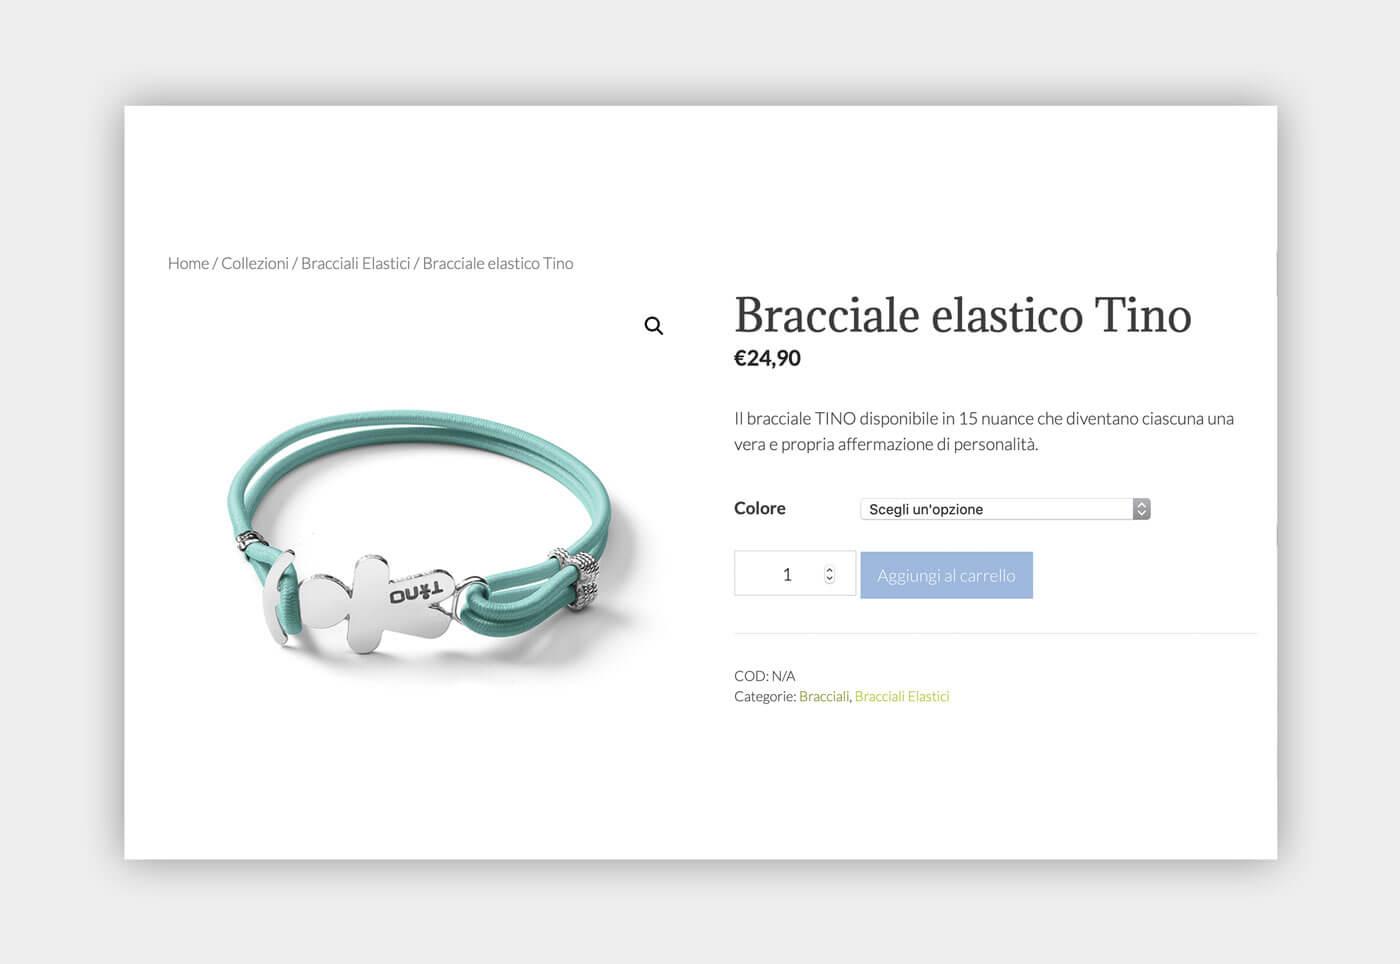 gioielli Tino Generation Brescia